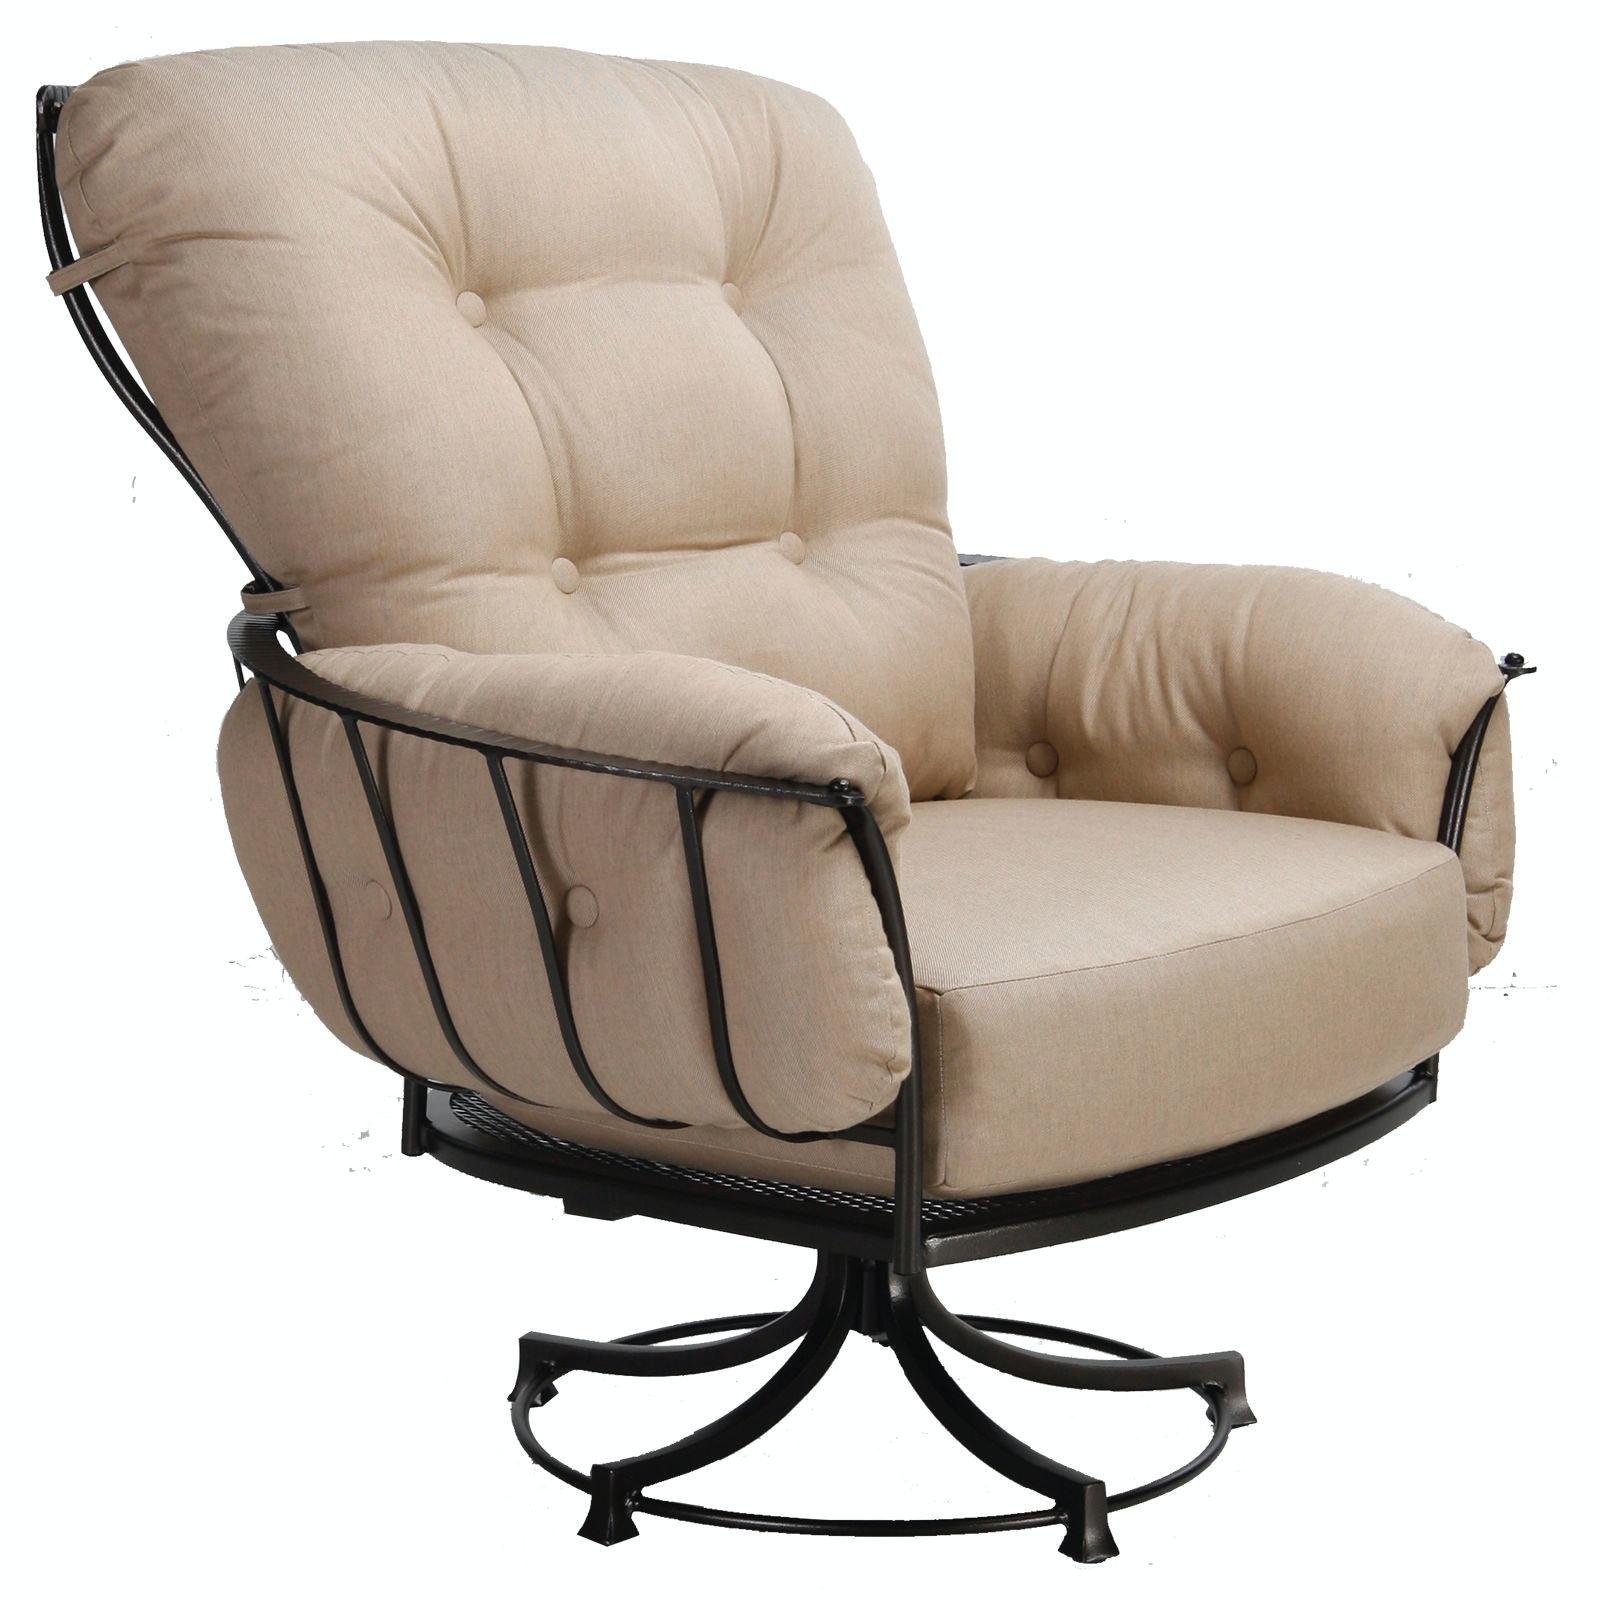 ow lee outdoor patio swivel rocker lounge chair 421 sr